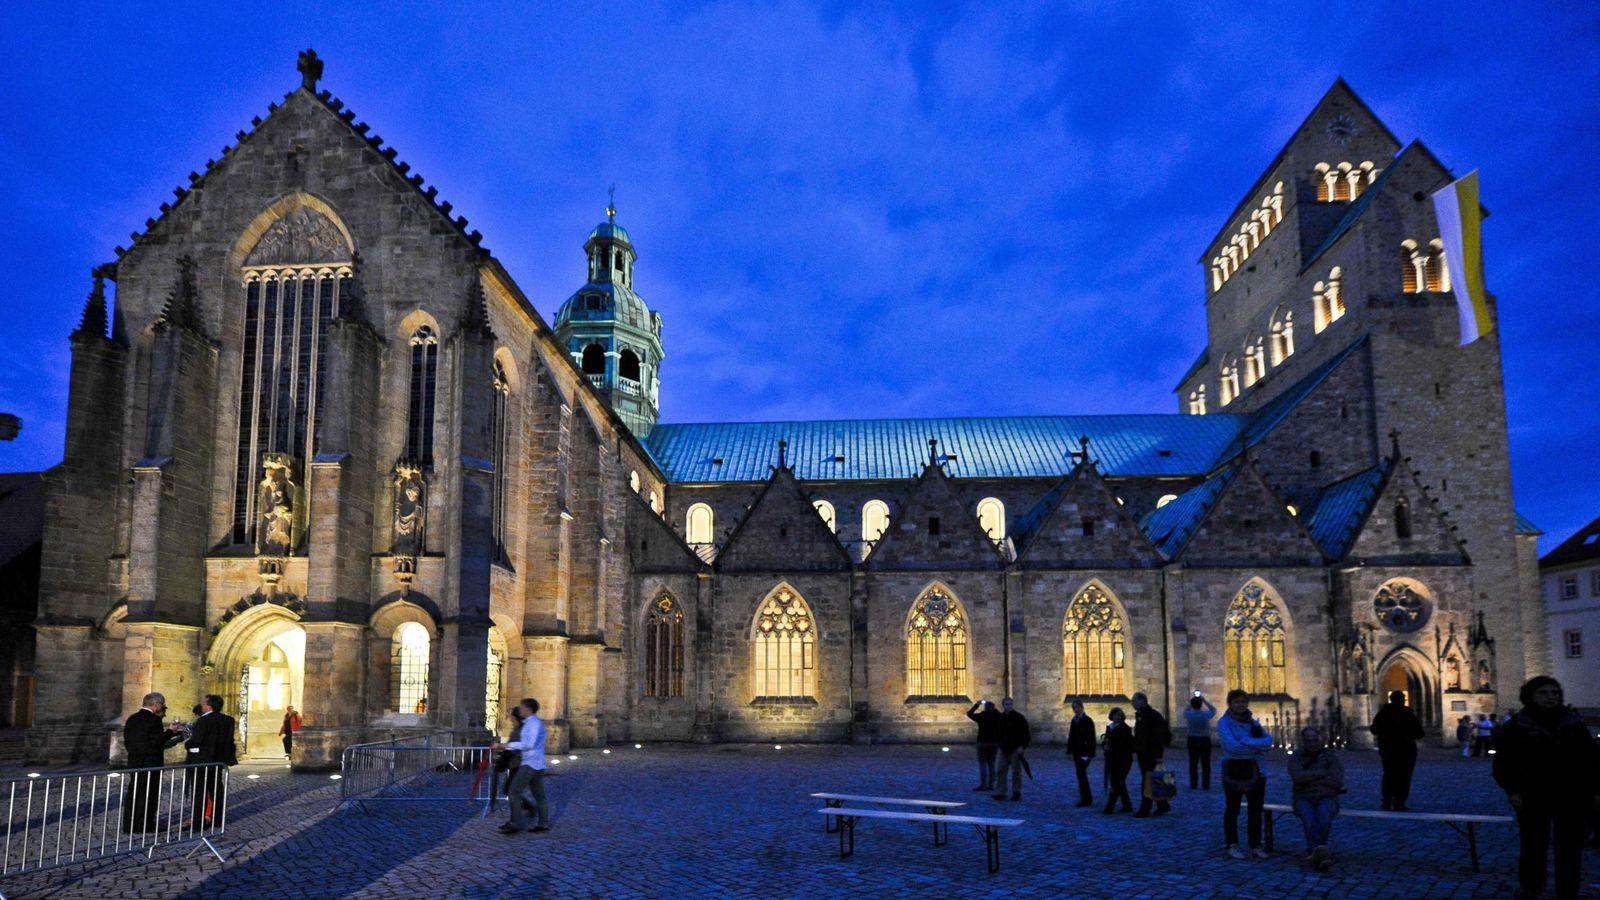 Foto: Reapertura de la catedral de Hildesheim después de cinco años de obras (EFE/EPA/Ole Spata)